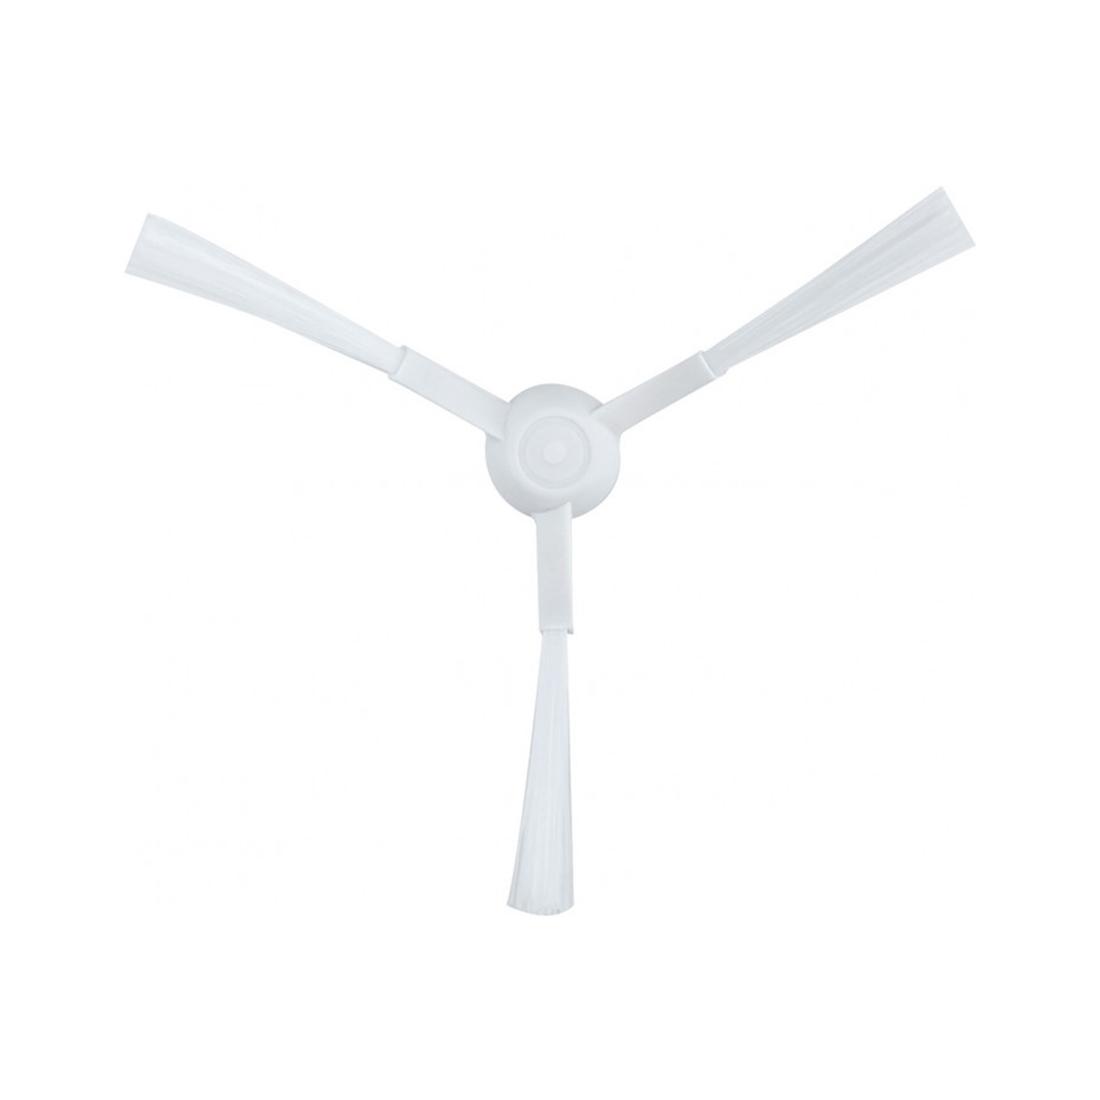 Боковая щётка для робота-пылесоса Mi Robot Vacuum Mop P (2 шт в упаковке), Белый